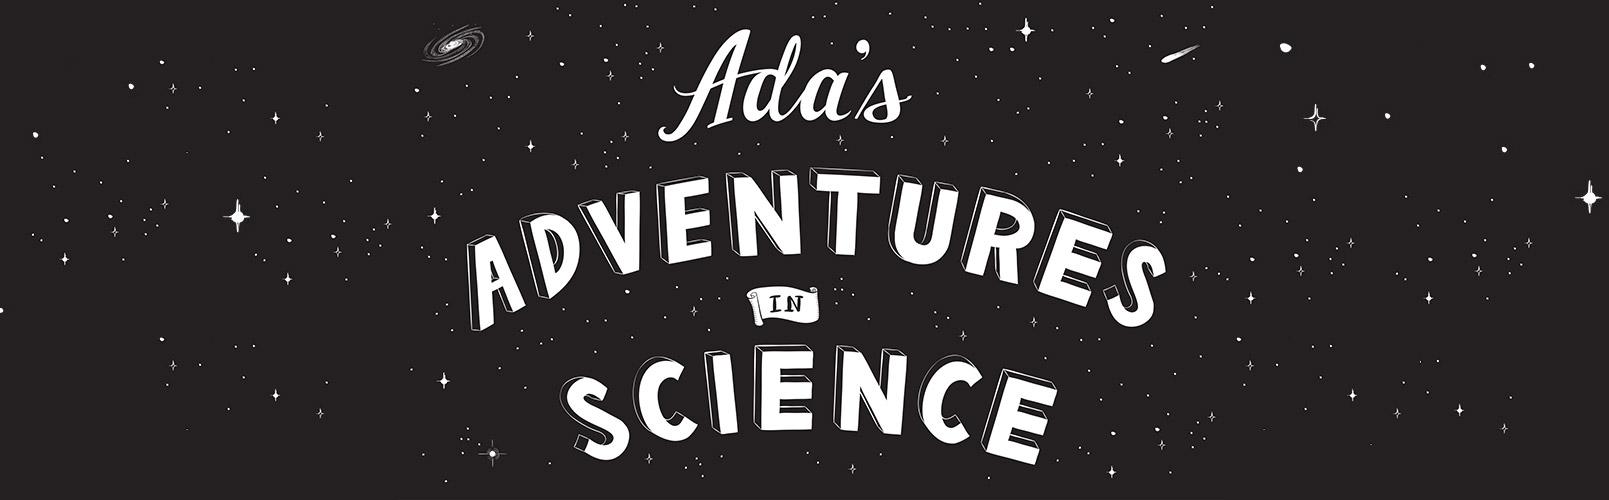 Ada's Adventures in Science header